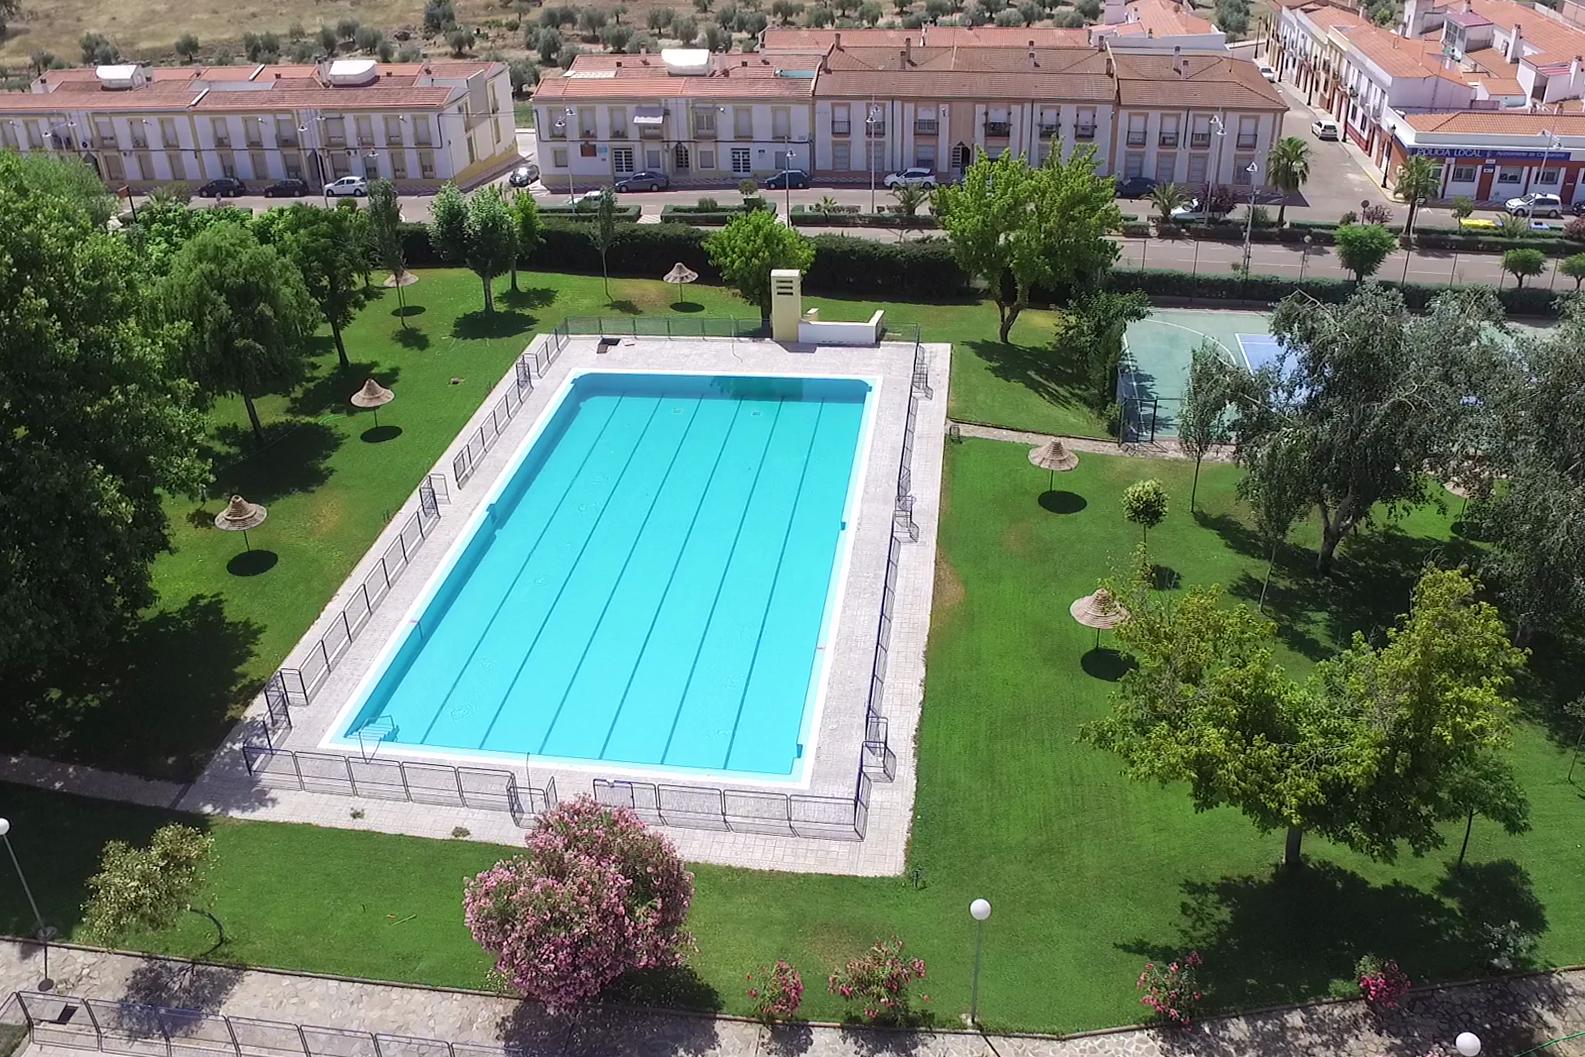 La piscina municipal amplia su horario durante los fines for Horario piscina alaquas